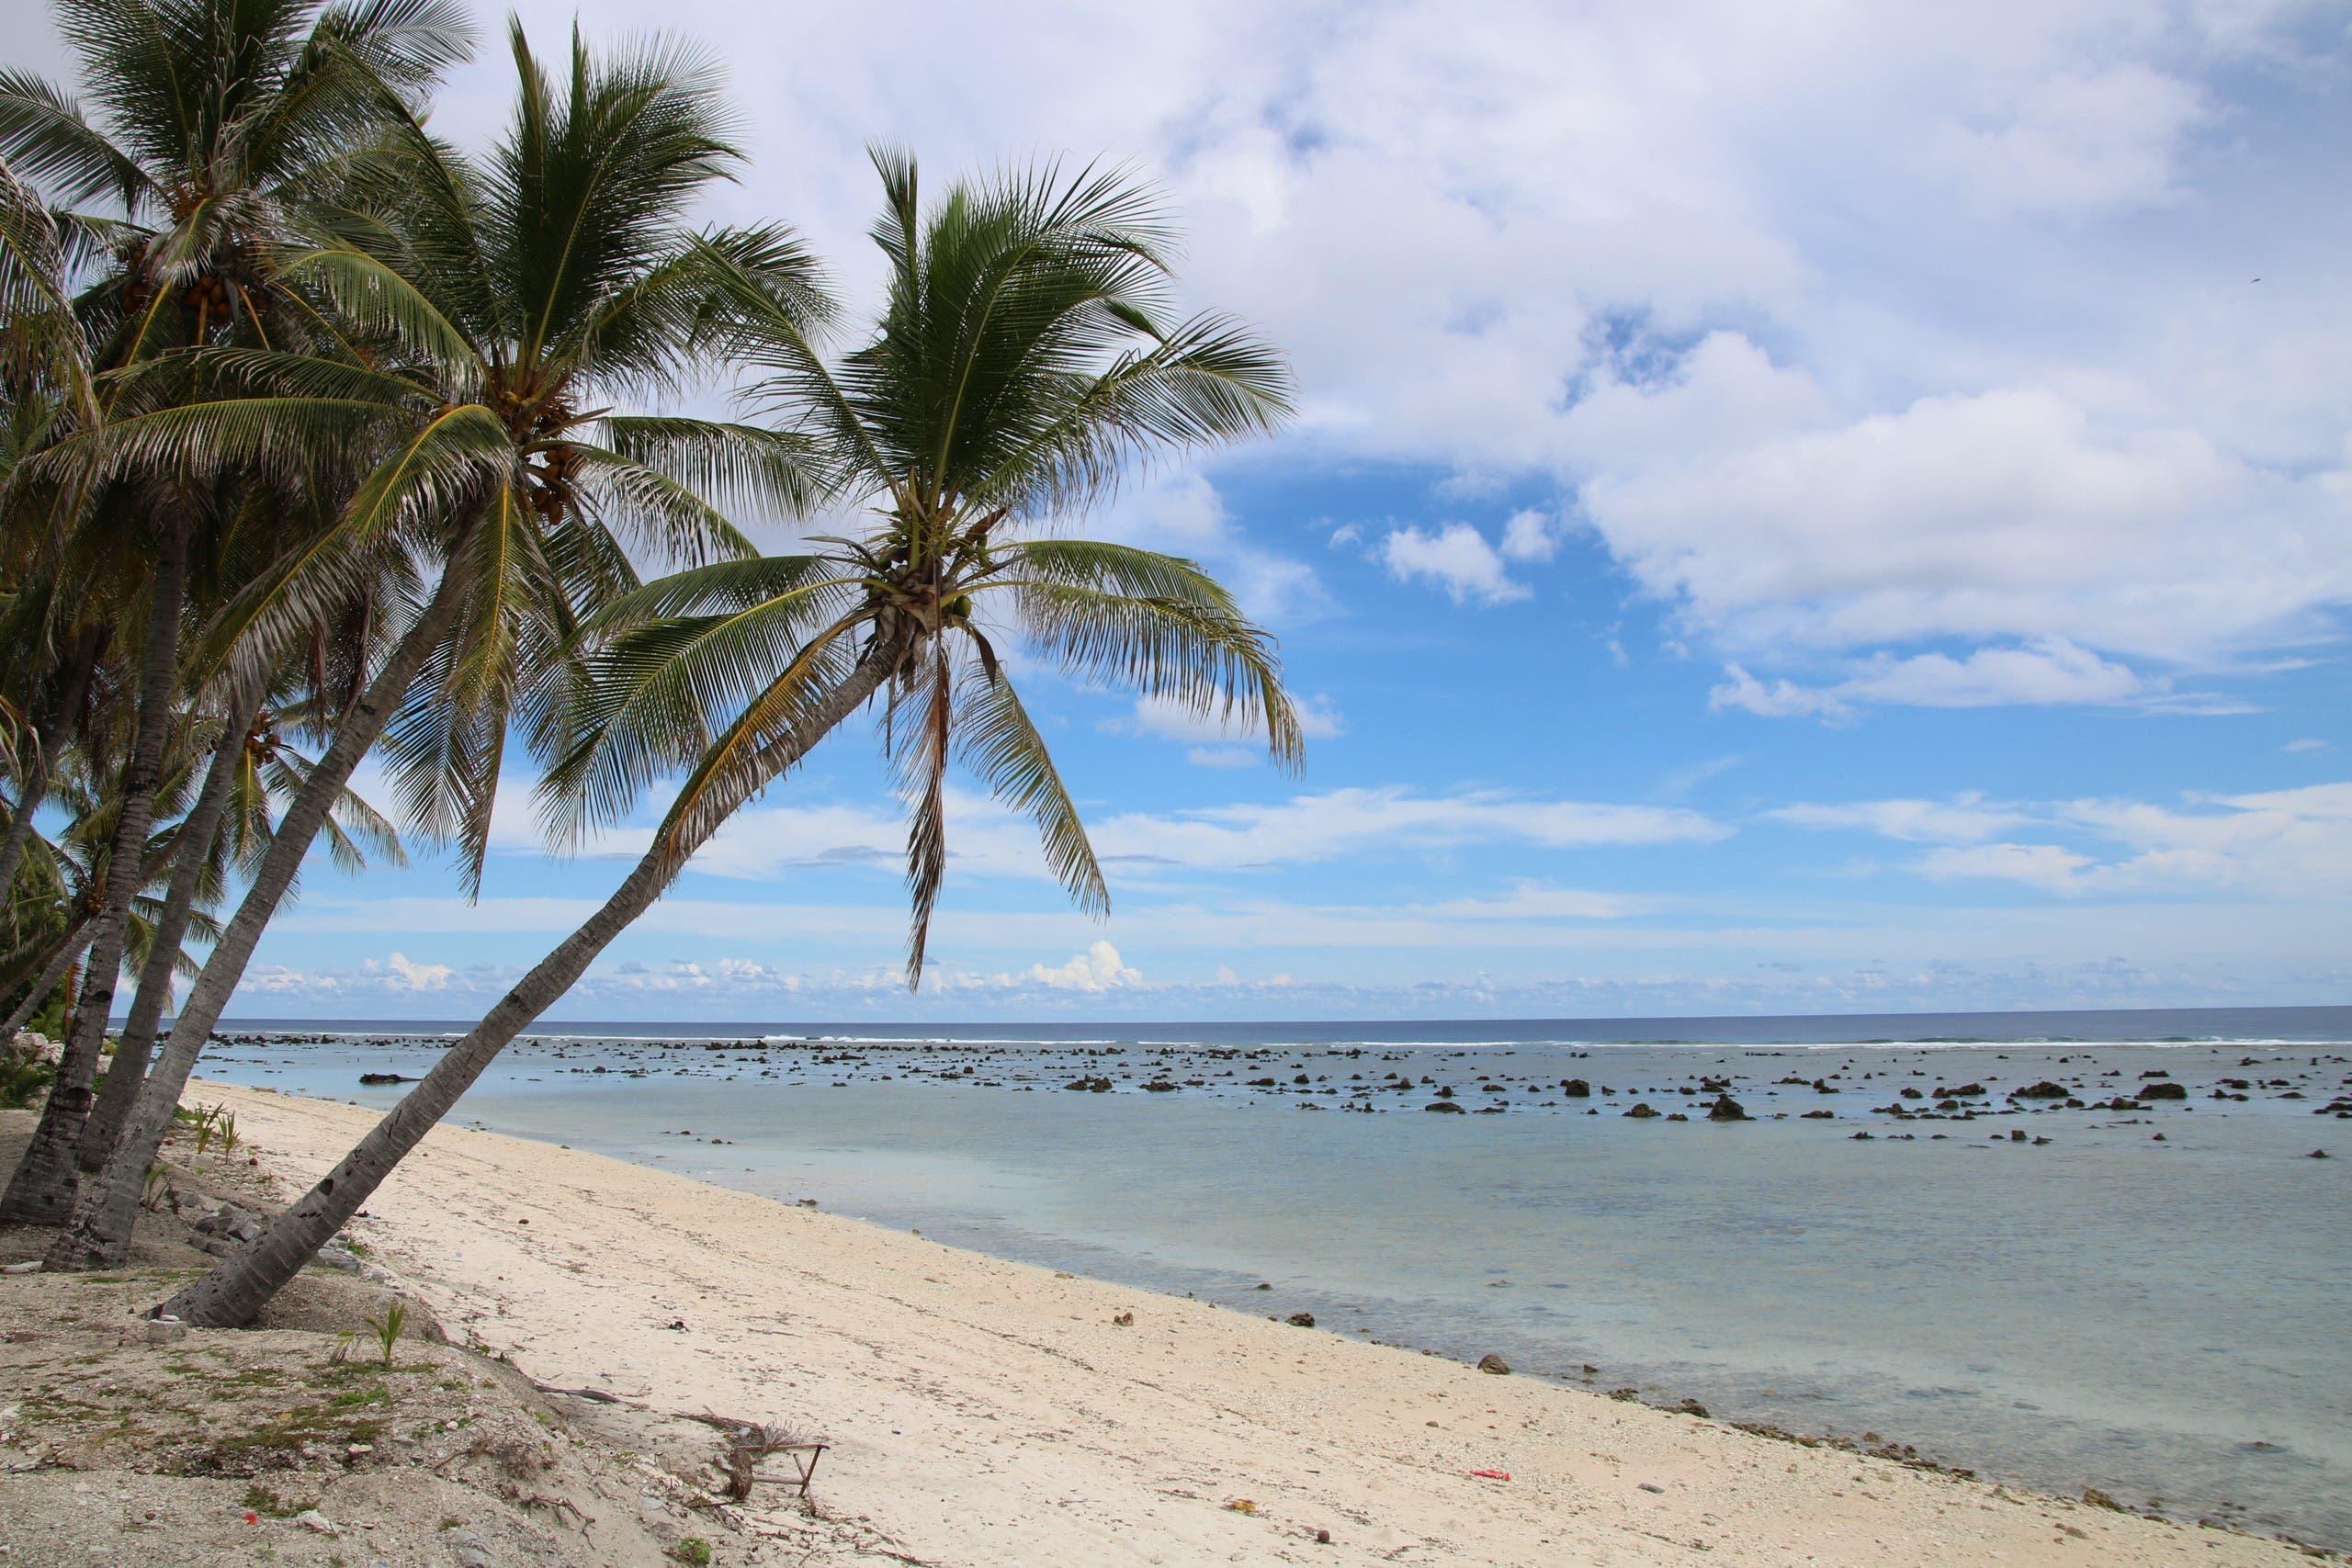 أحد شواطئ جزيرة ناورو